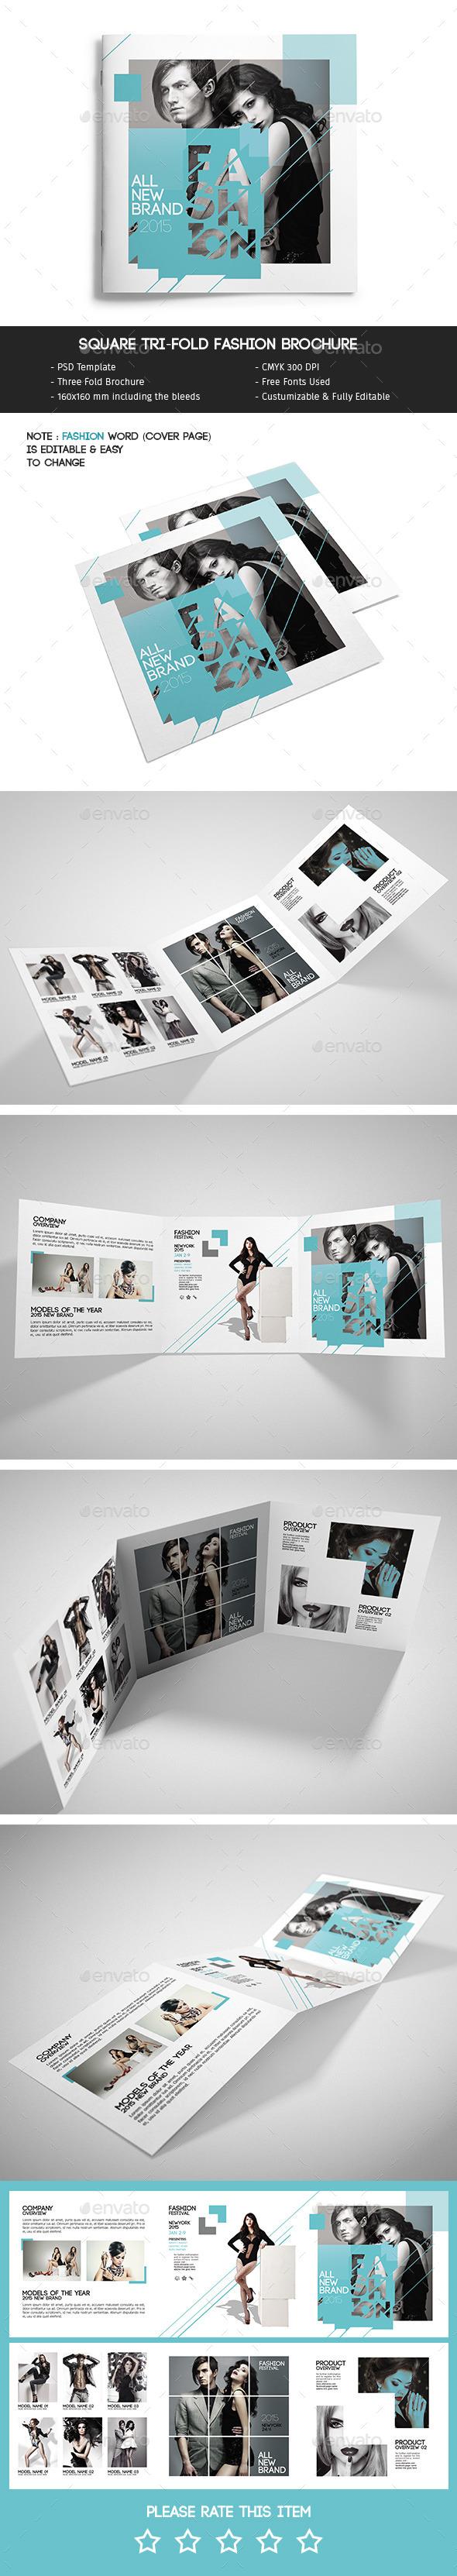 GraphicRiver Square Tri-Fold Fashion Brochure 11587366